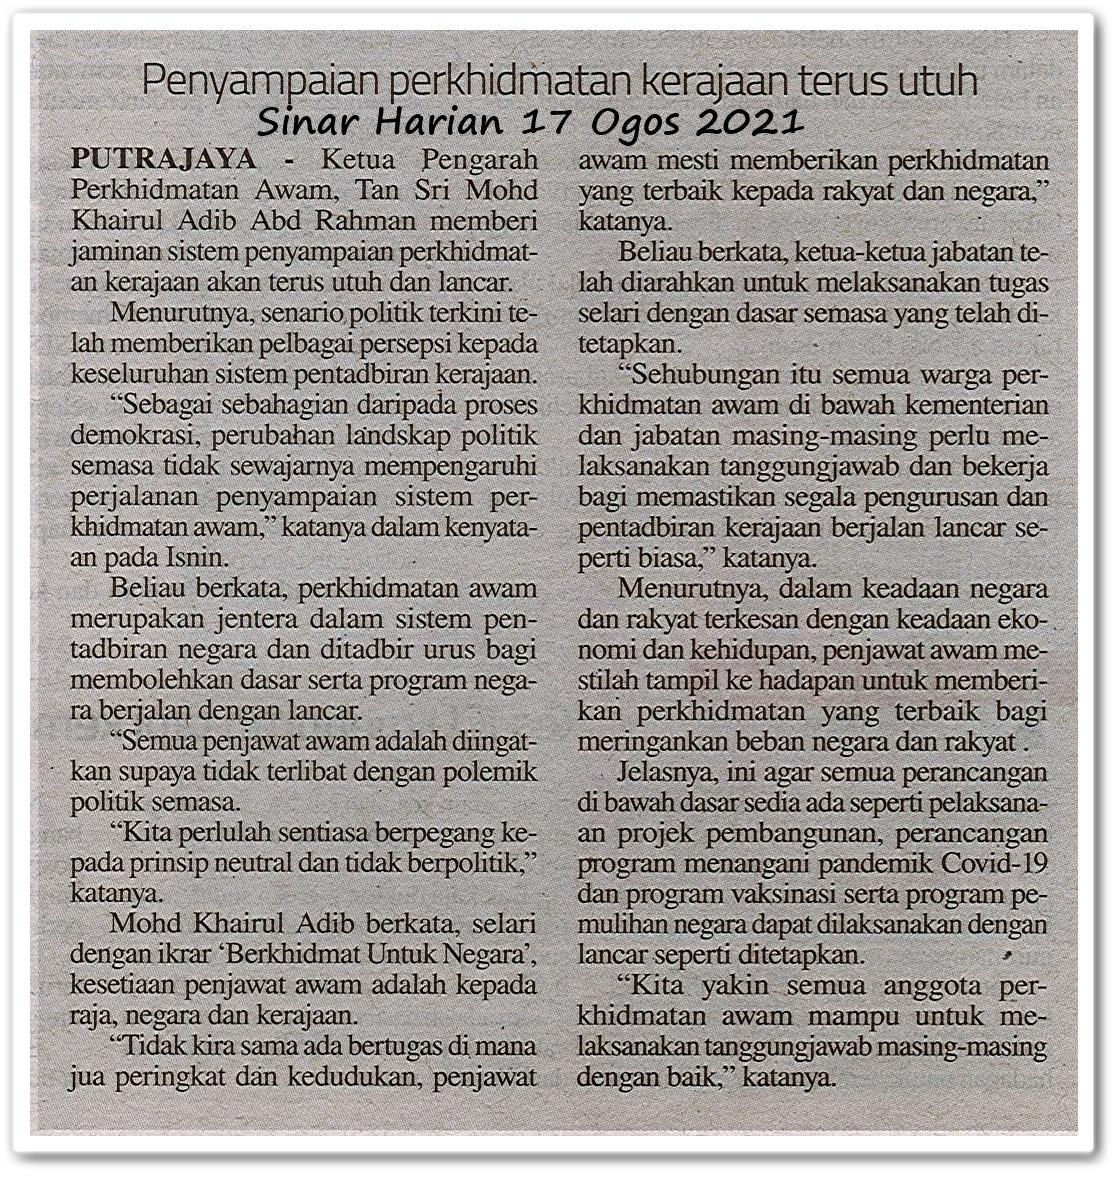 Penyampaian perkhidmatan kerajaan terus utuh - Keratan akhbar Sinar Harian 17 Ogos 2021